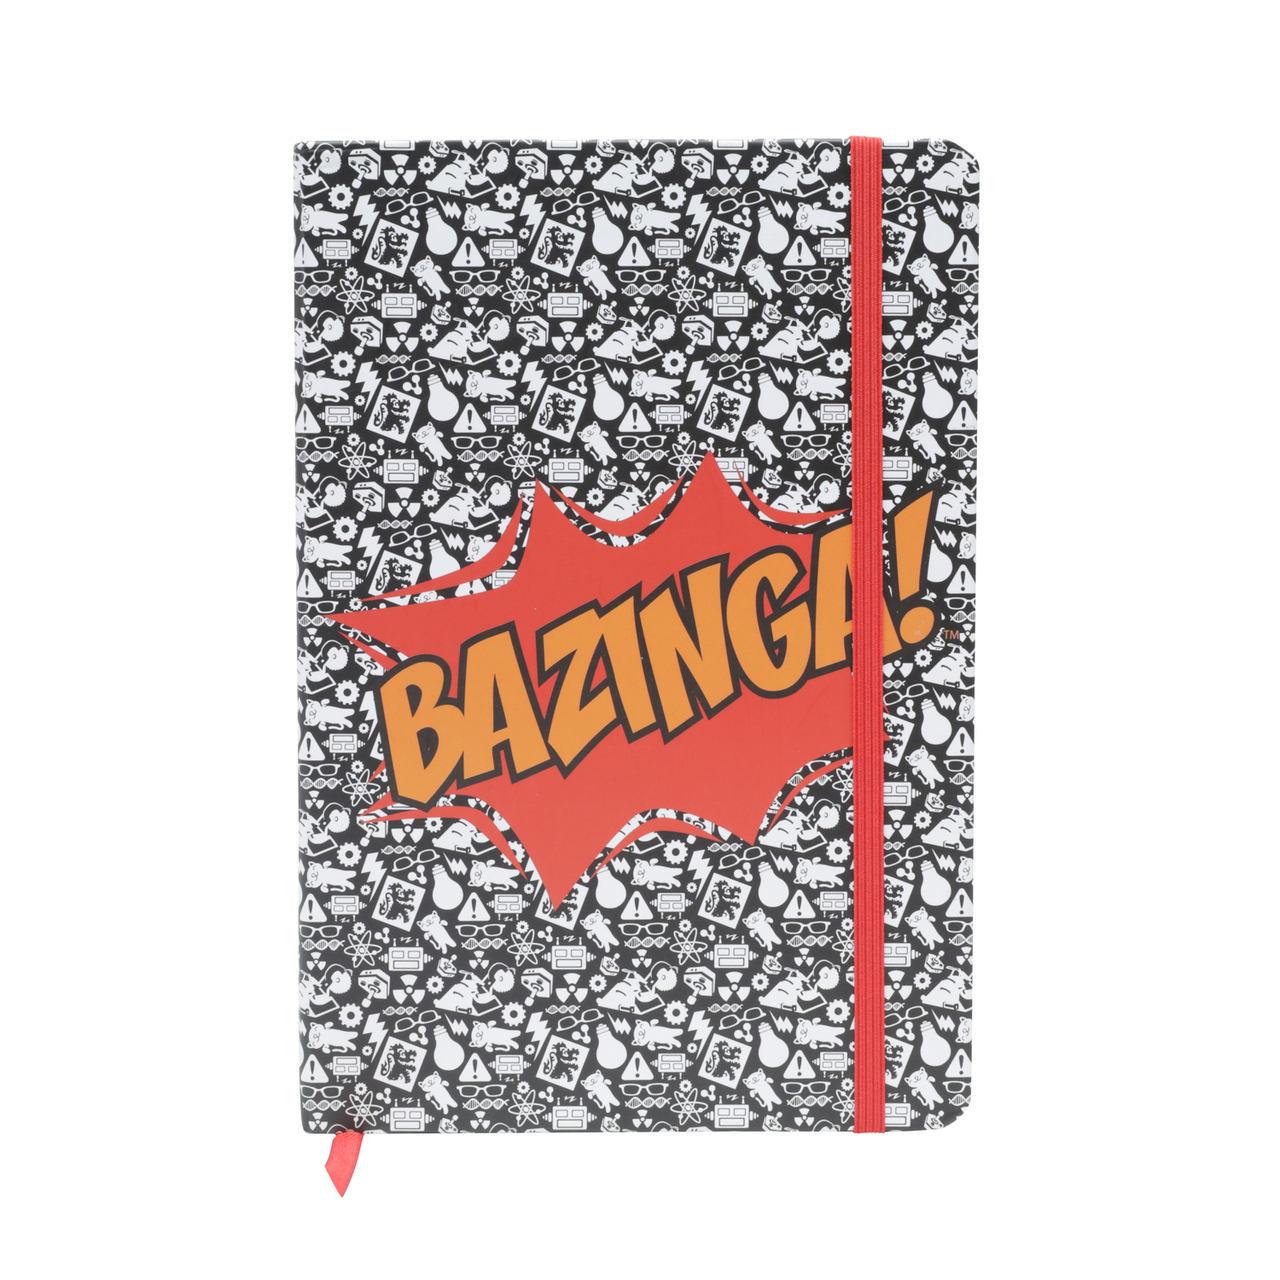 Agenda/Caderneta (A5) Bazinga: The Big Bang Theory - Urban